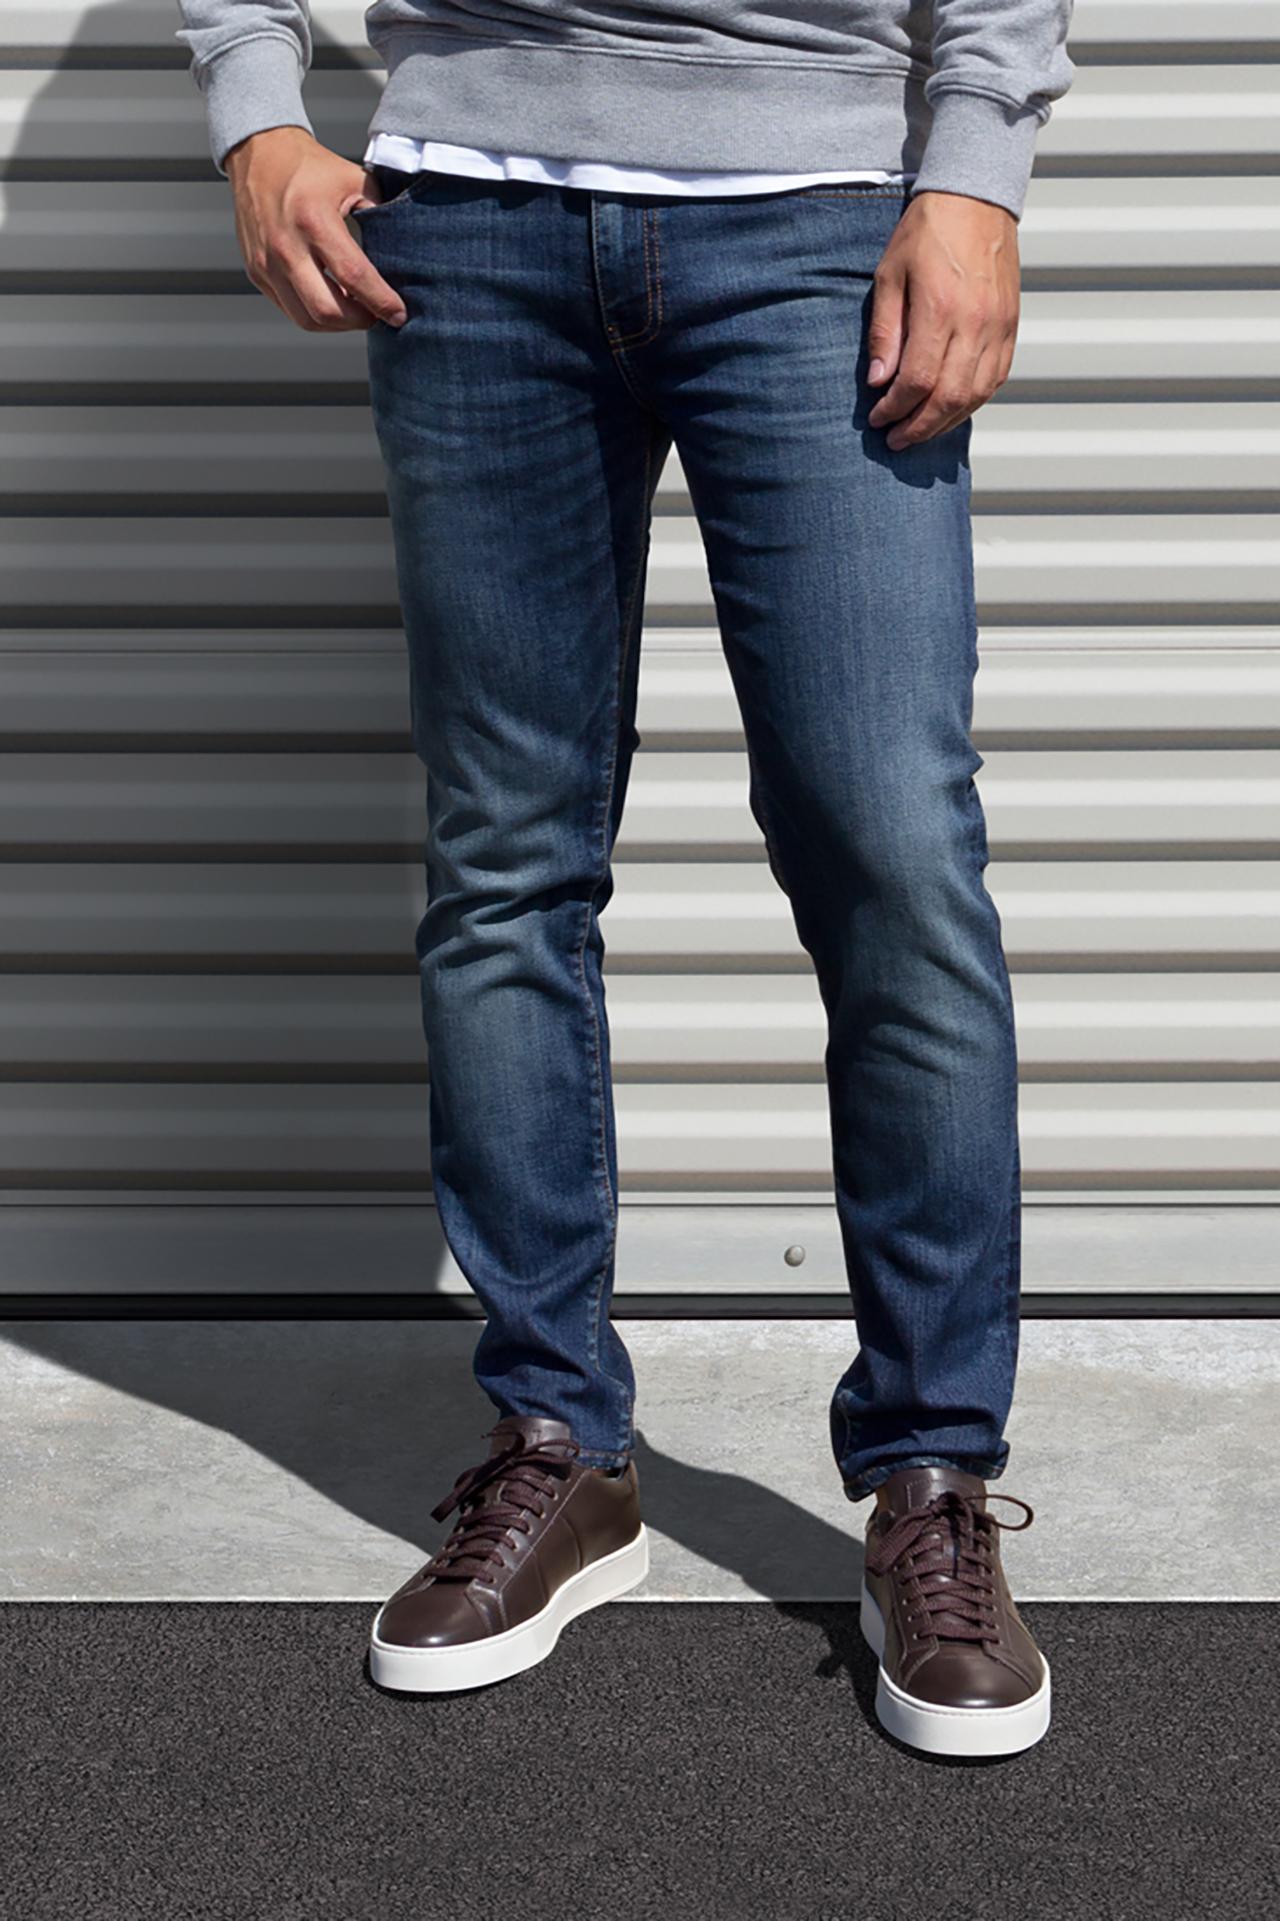 AM X PRPS Stretch Denim Jeans in Blue Wash